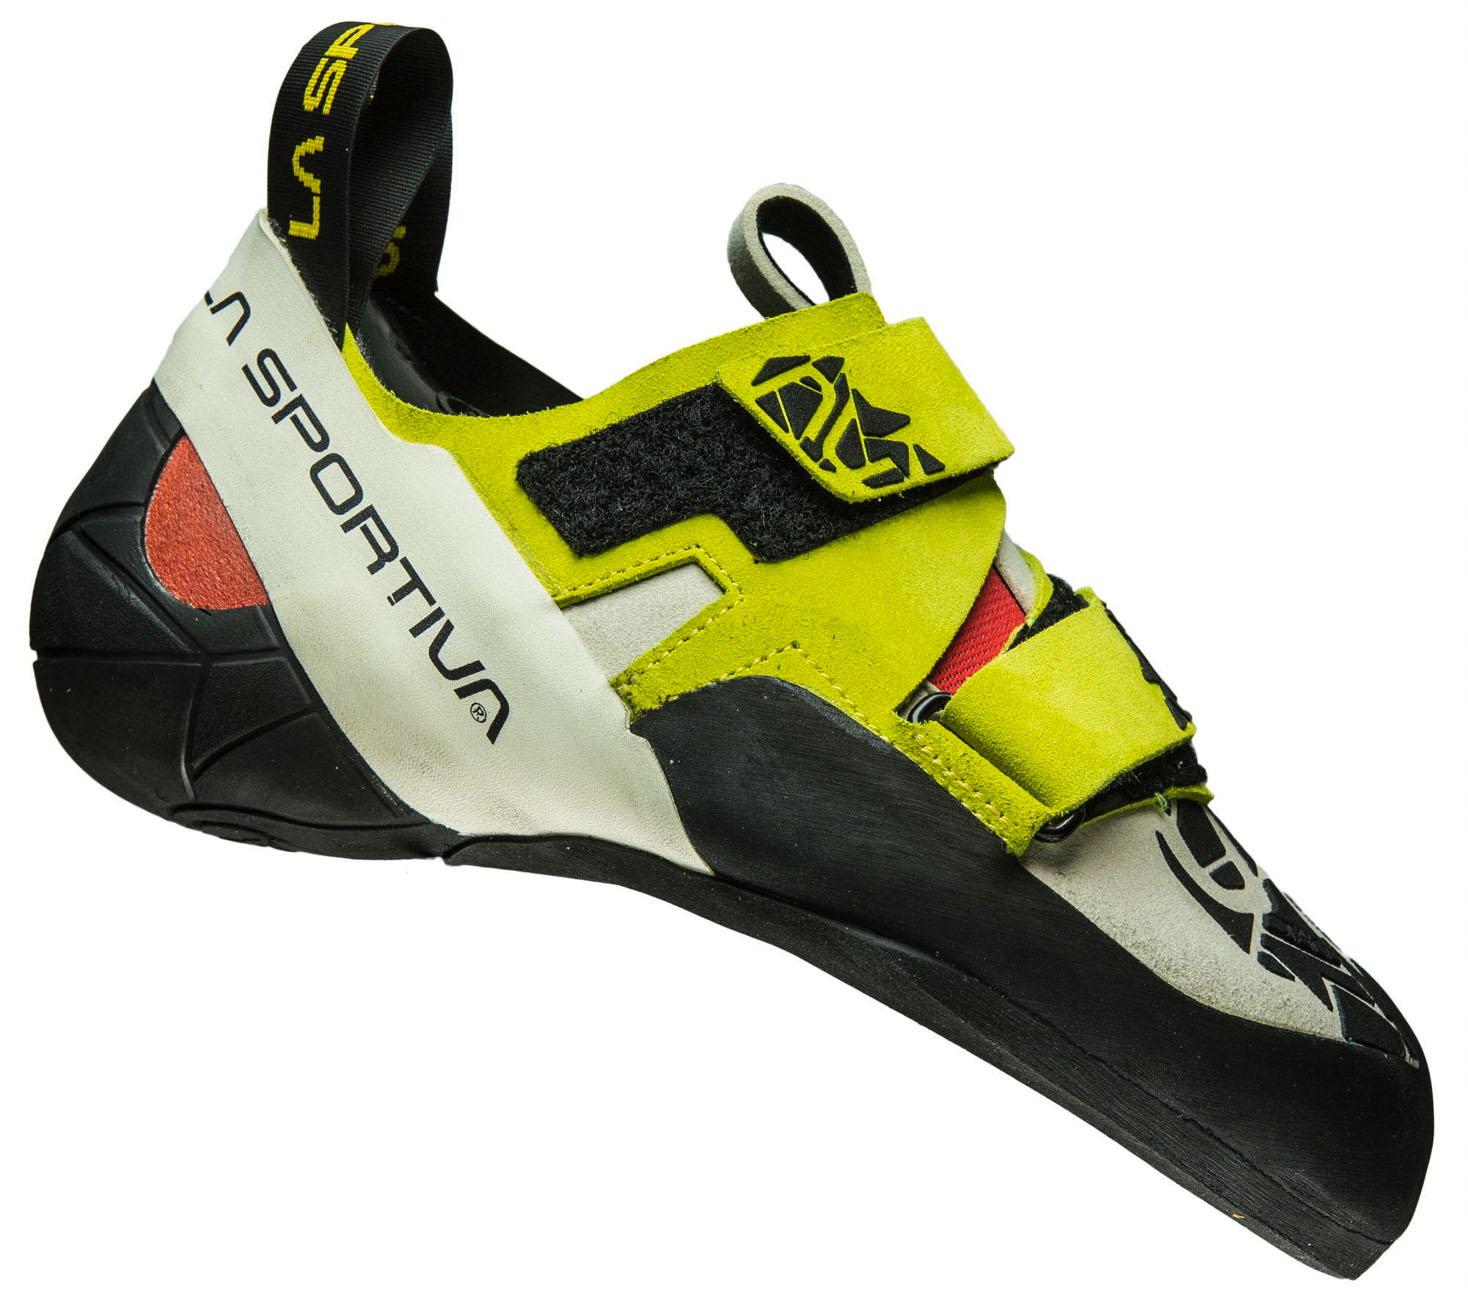 La Sportiva_Otaki: Kletterschuh für Big Wall Kletterer. Schuh mit mäßigem Downturn und Asymetrie. Als Damen und Herrenmodell erhältlich, 139 Euro. www.lasportiva.com